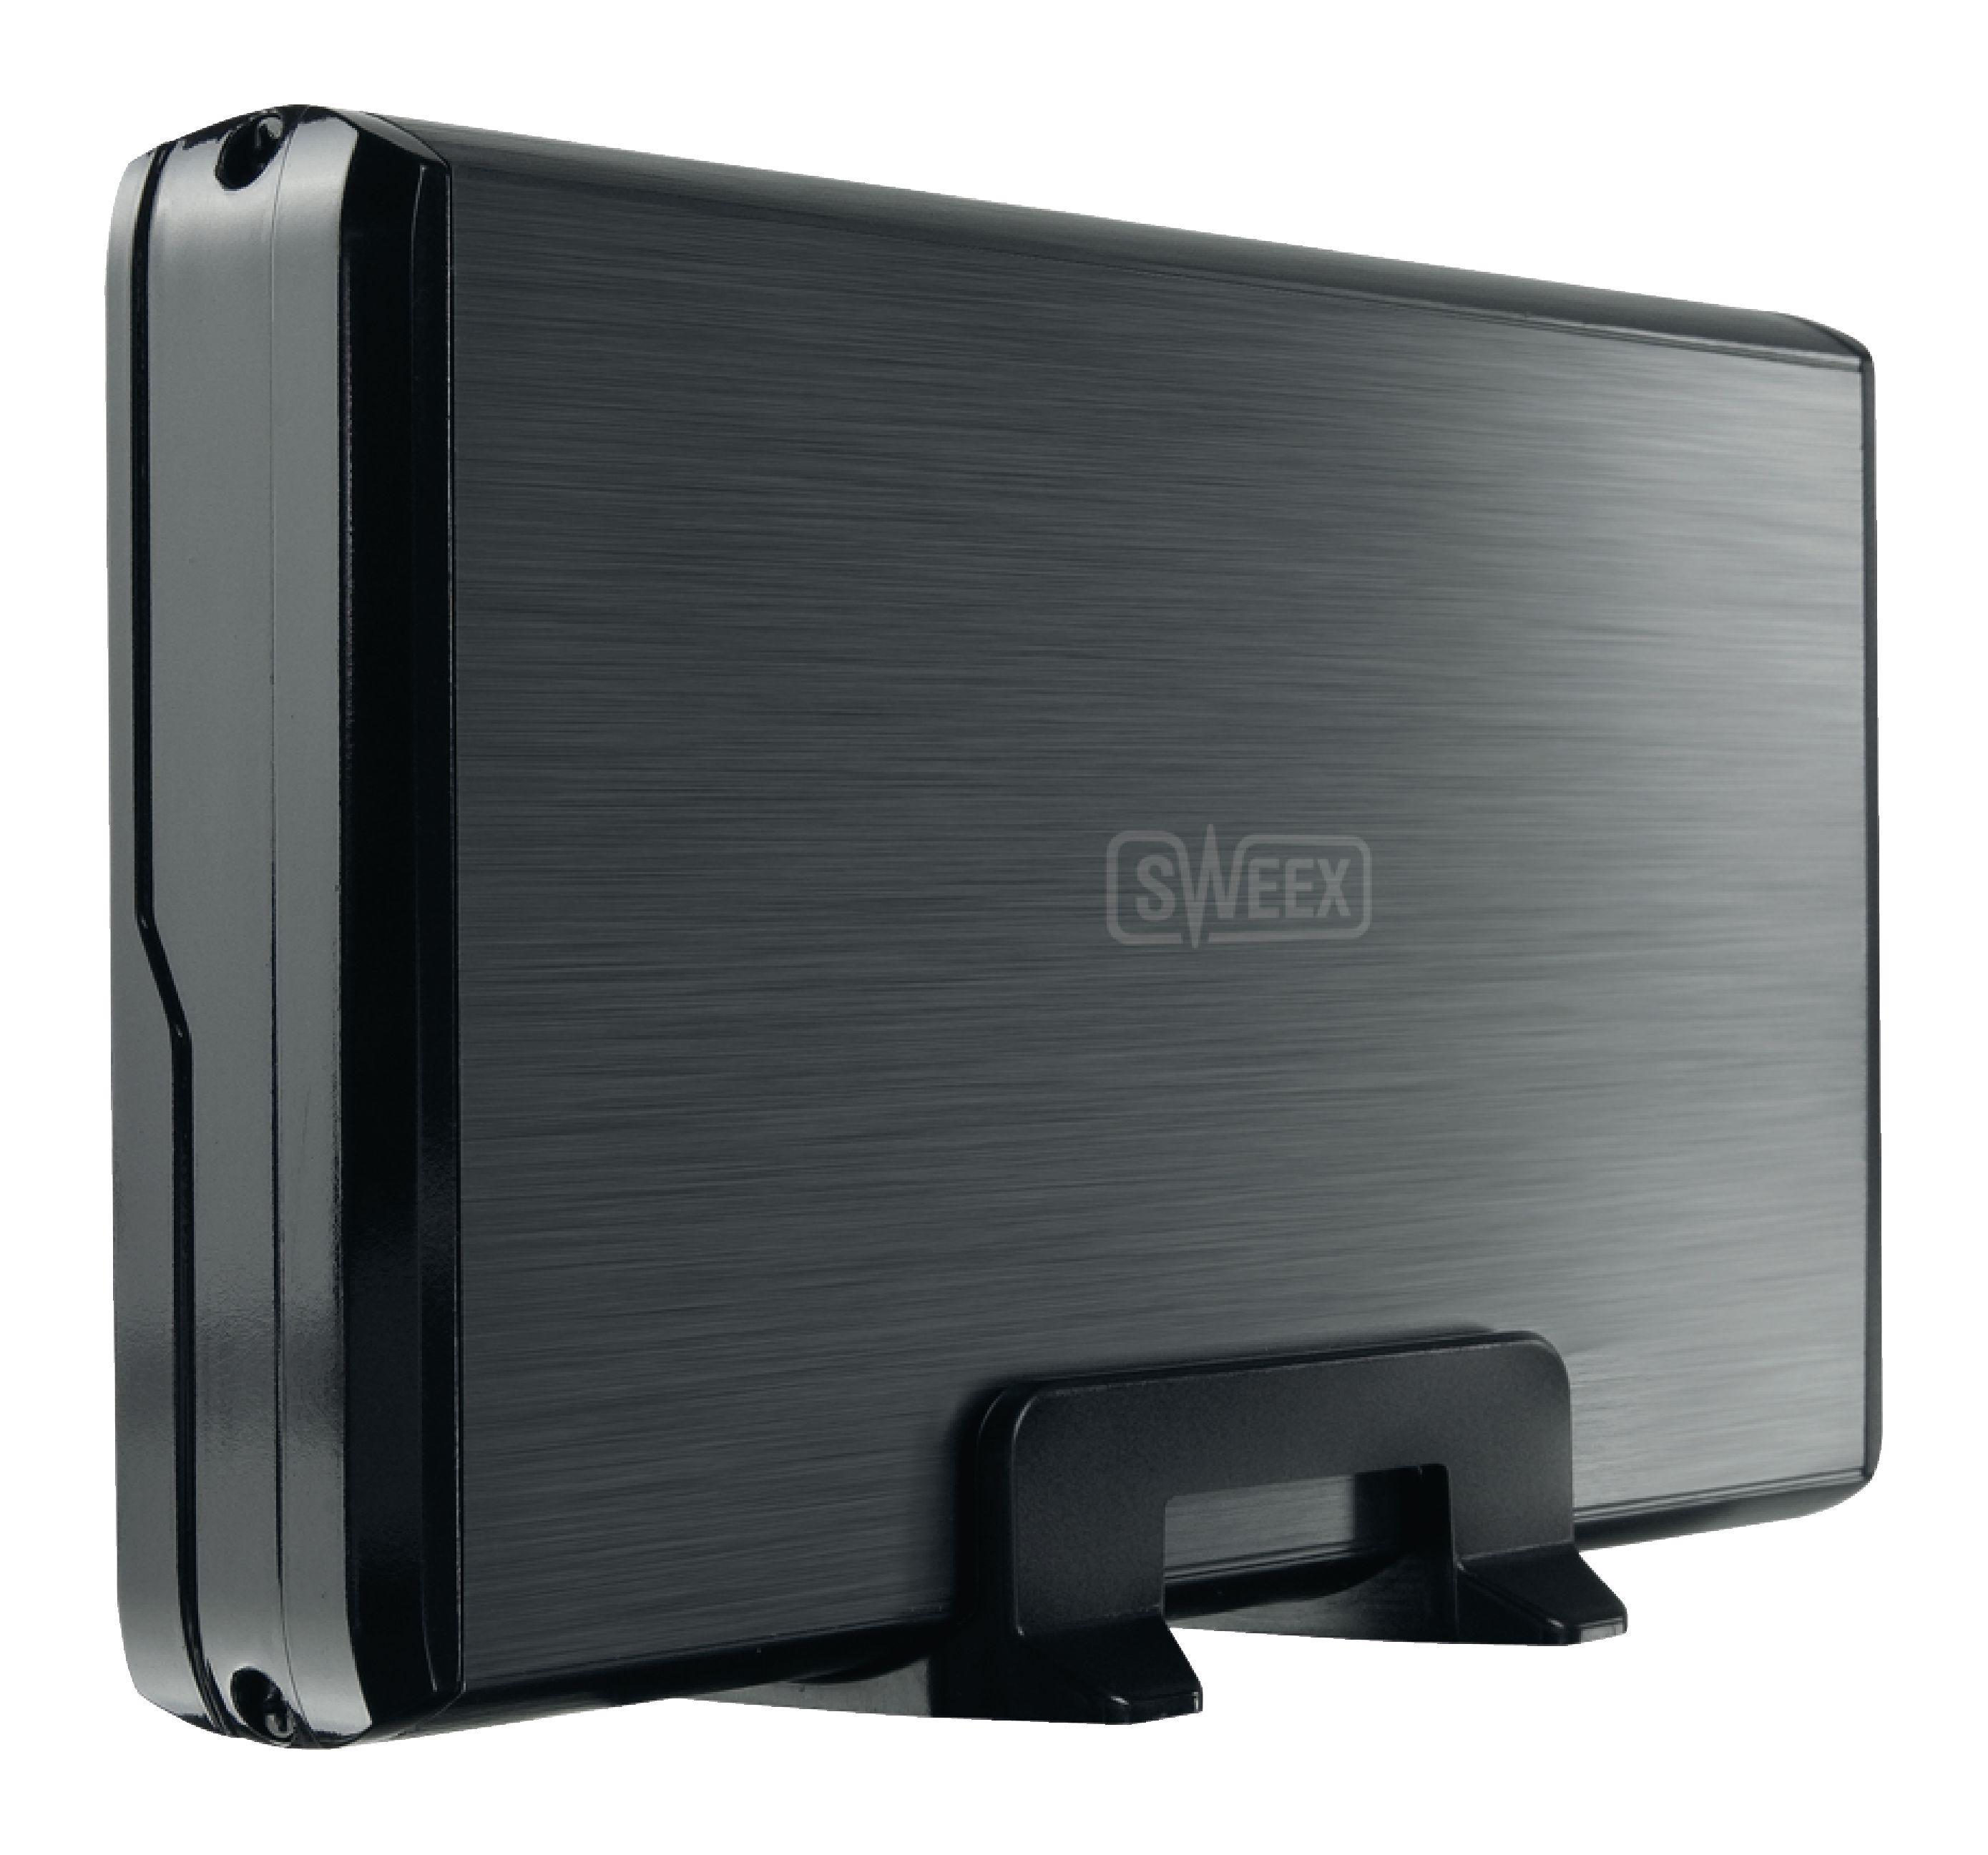 """Externí box Sweex pro pevný disk 3.5"""" IDE USB 2.0, ST022V2"""